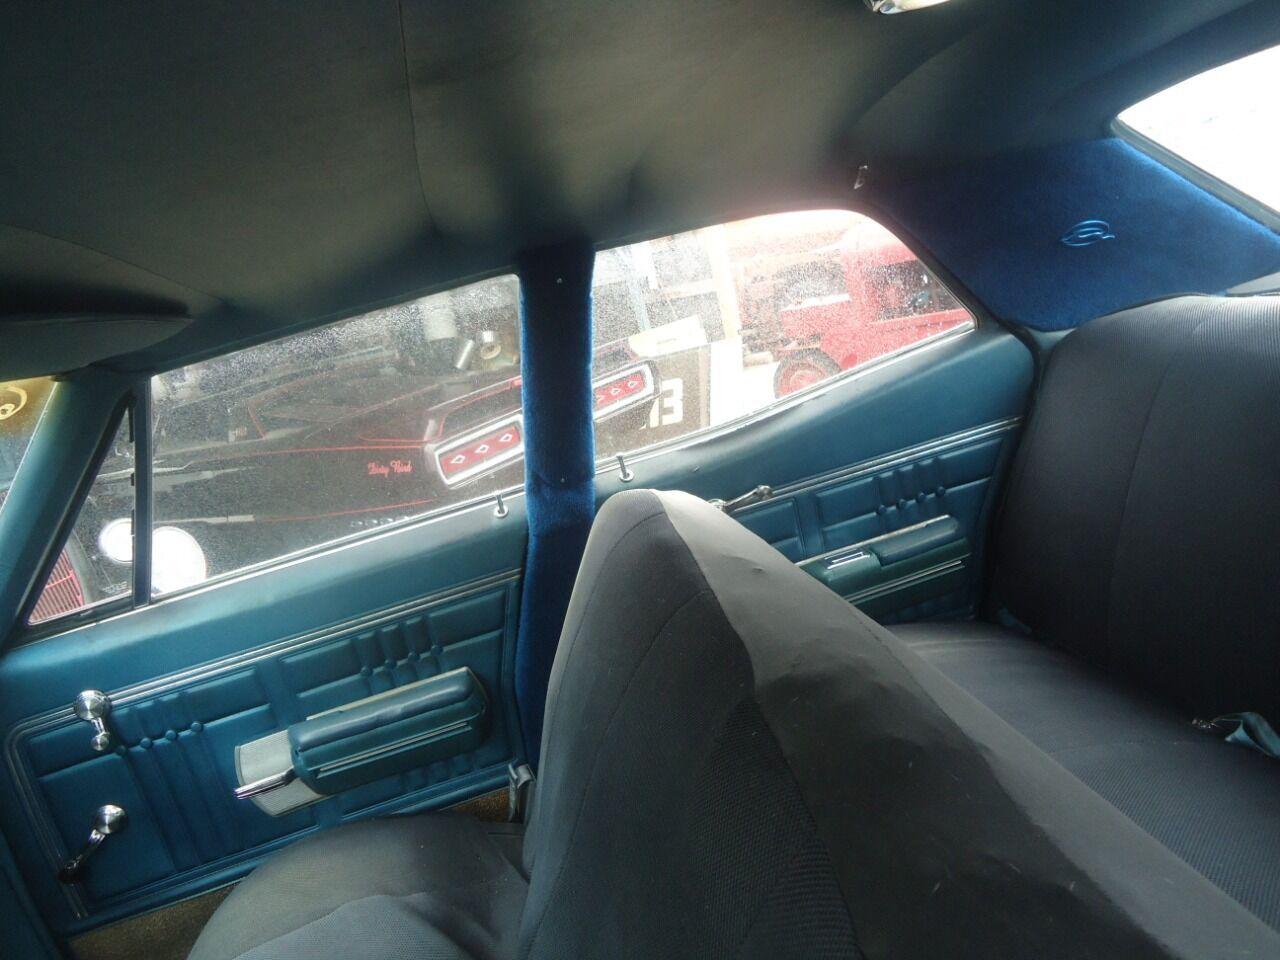 1968 Chevrolet Impala 6